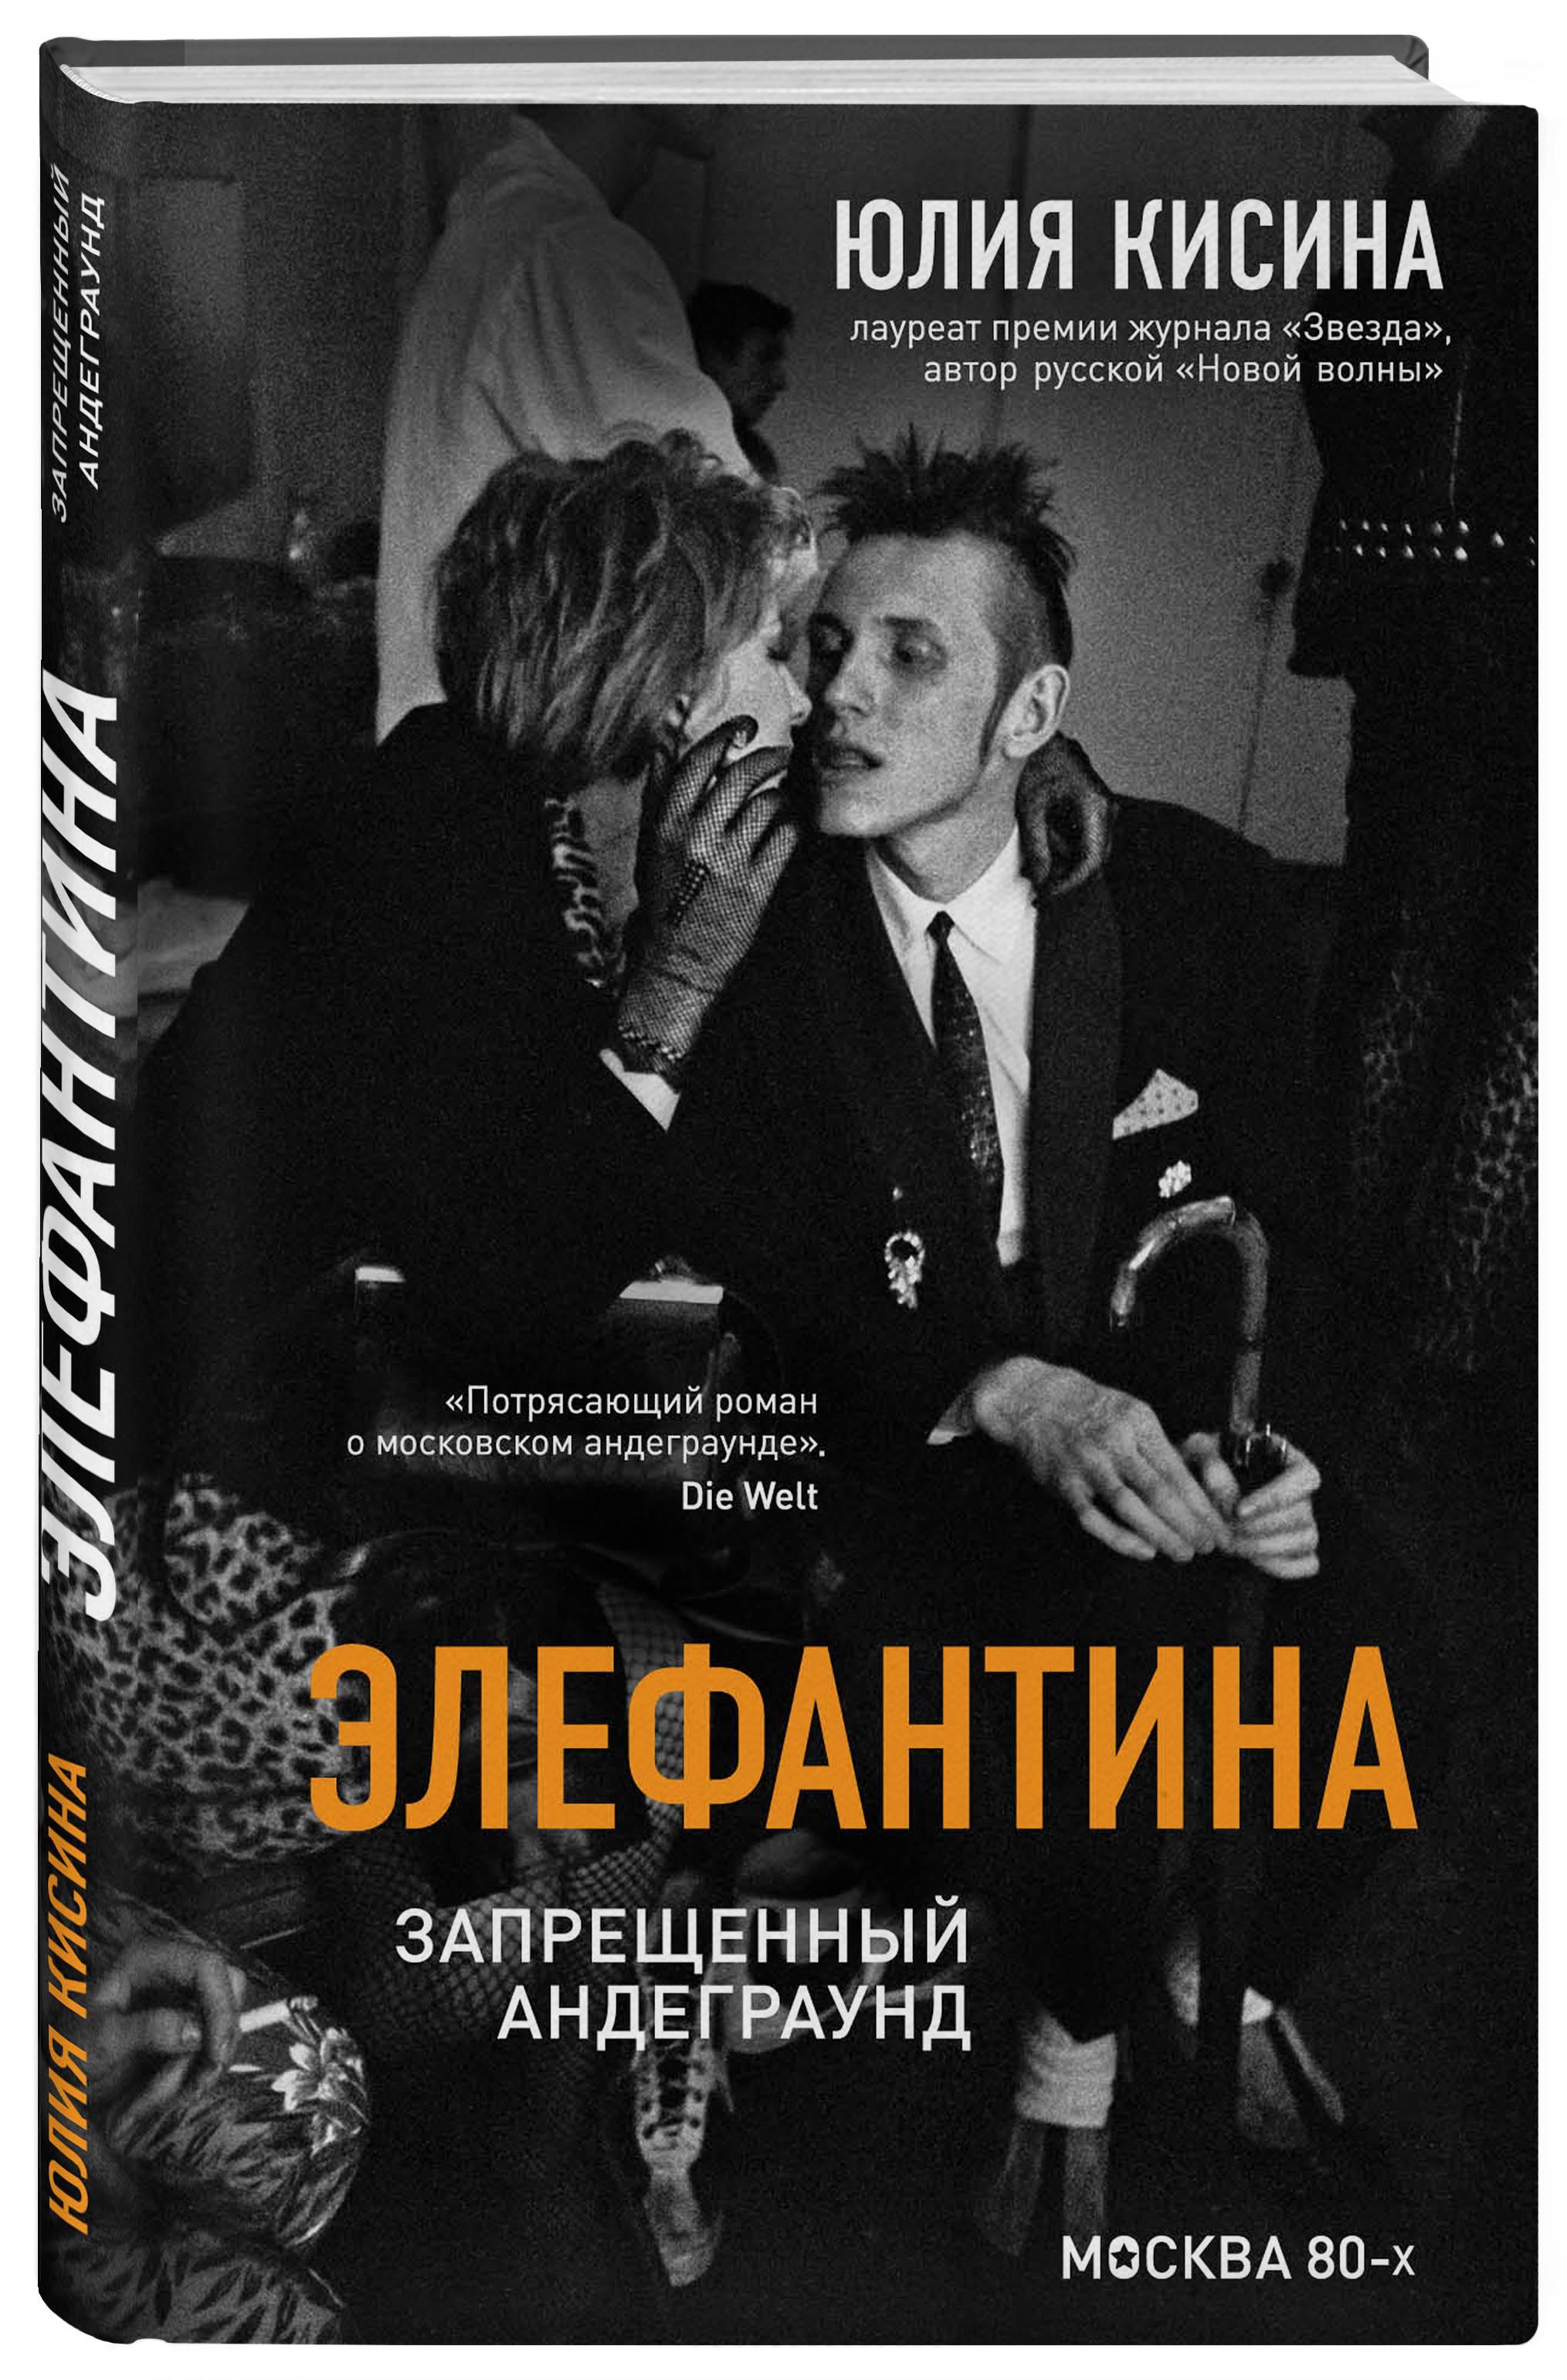 Кисина Ю. Элефантина. Запрещенный андеграунд ламинатор холодный в украине